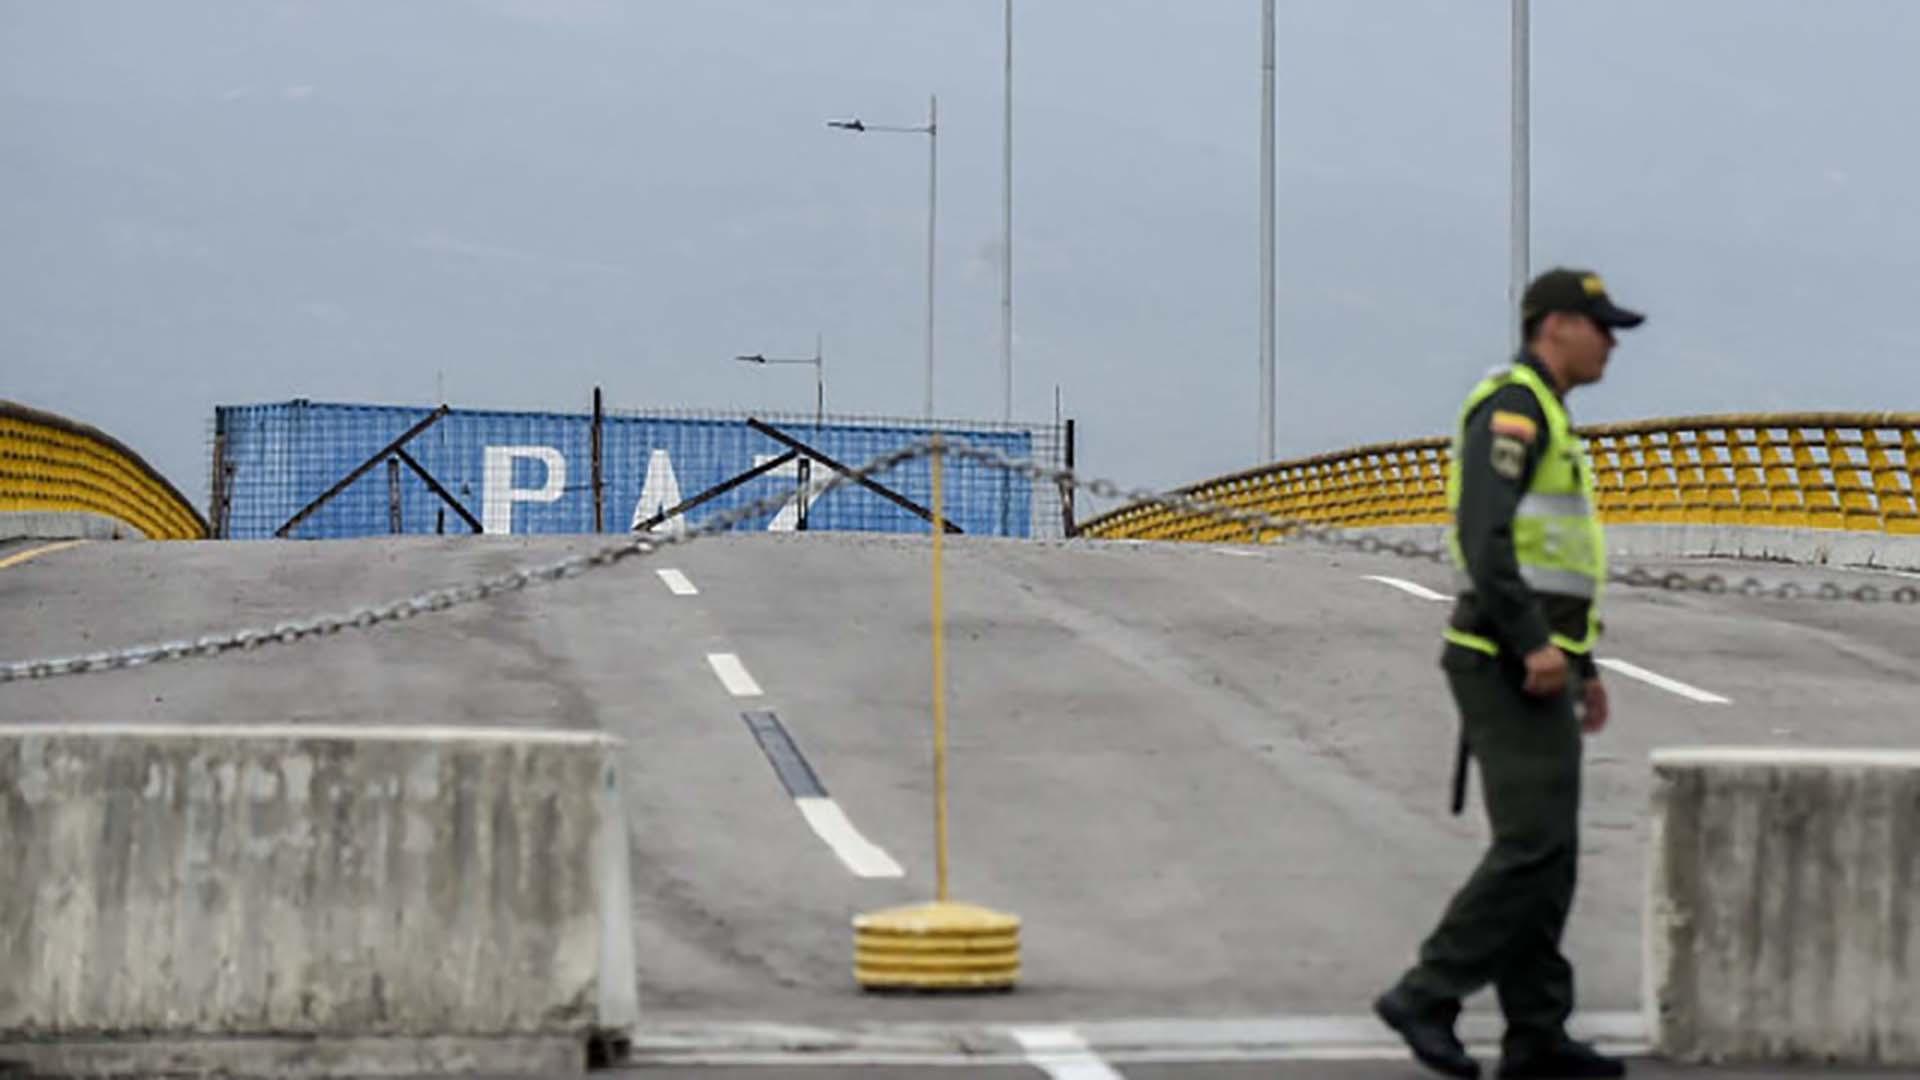 El régimen de Maduro mantiene bloqueado el paso fronterizo con grandes contenedores(Photo by Luis ROBAYO / AFP)